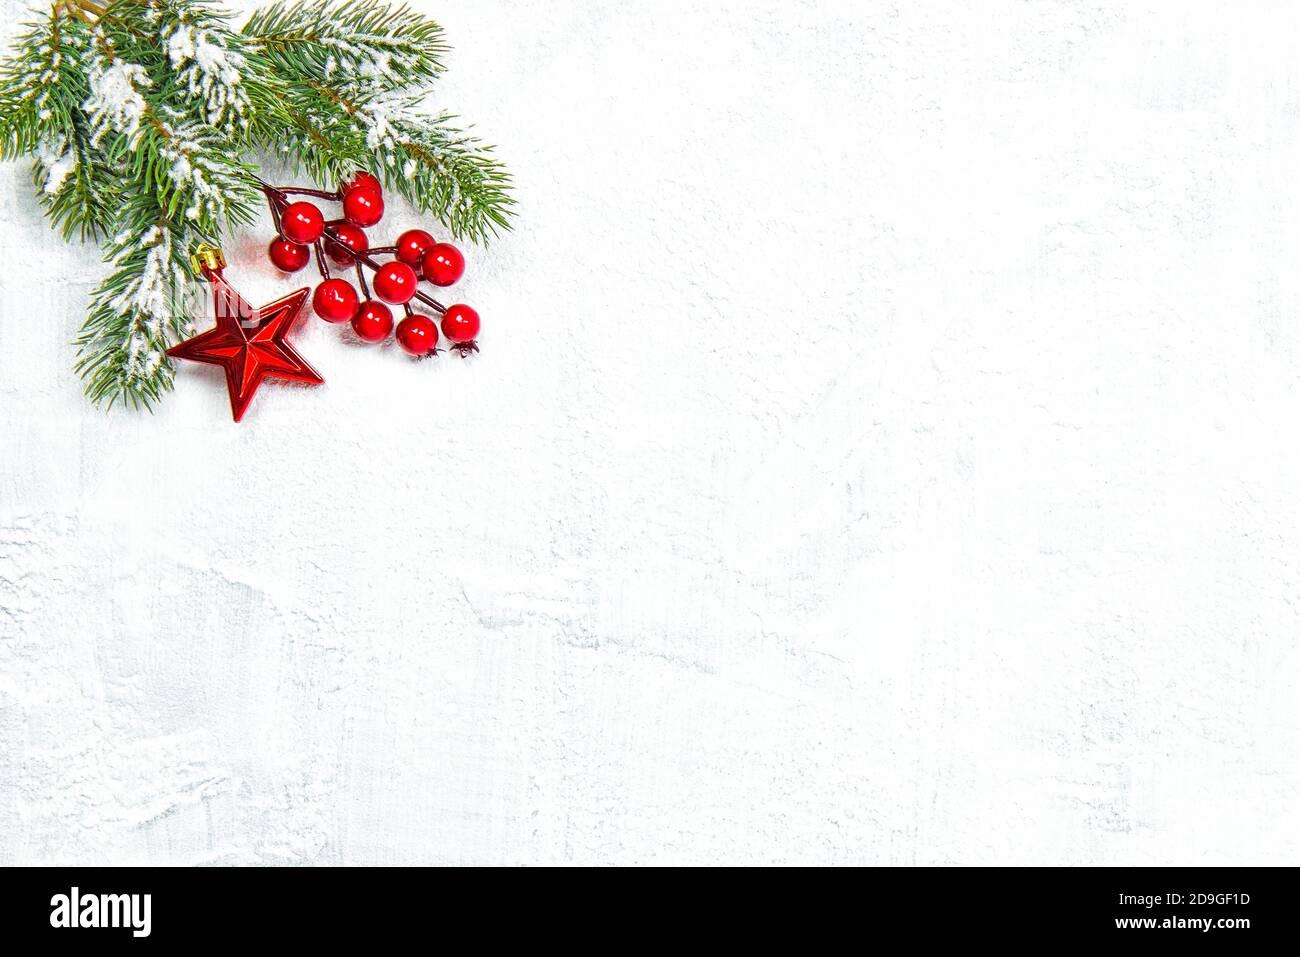 Decorazione di Natale e rami di pino su sfondo luminoso Foto Stock